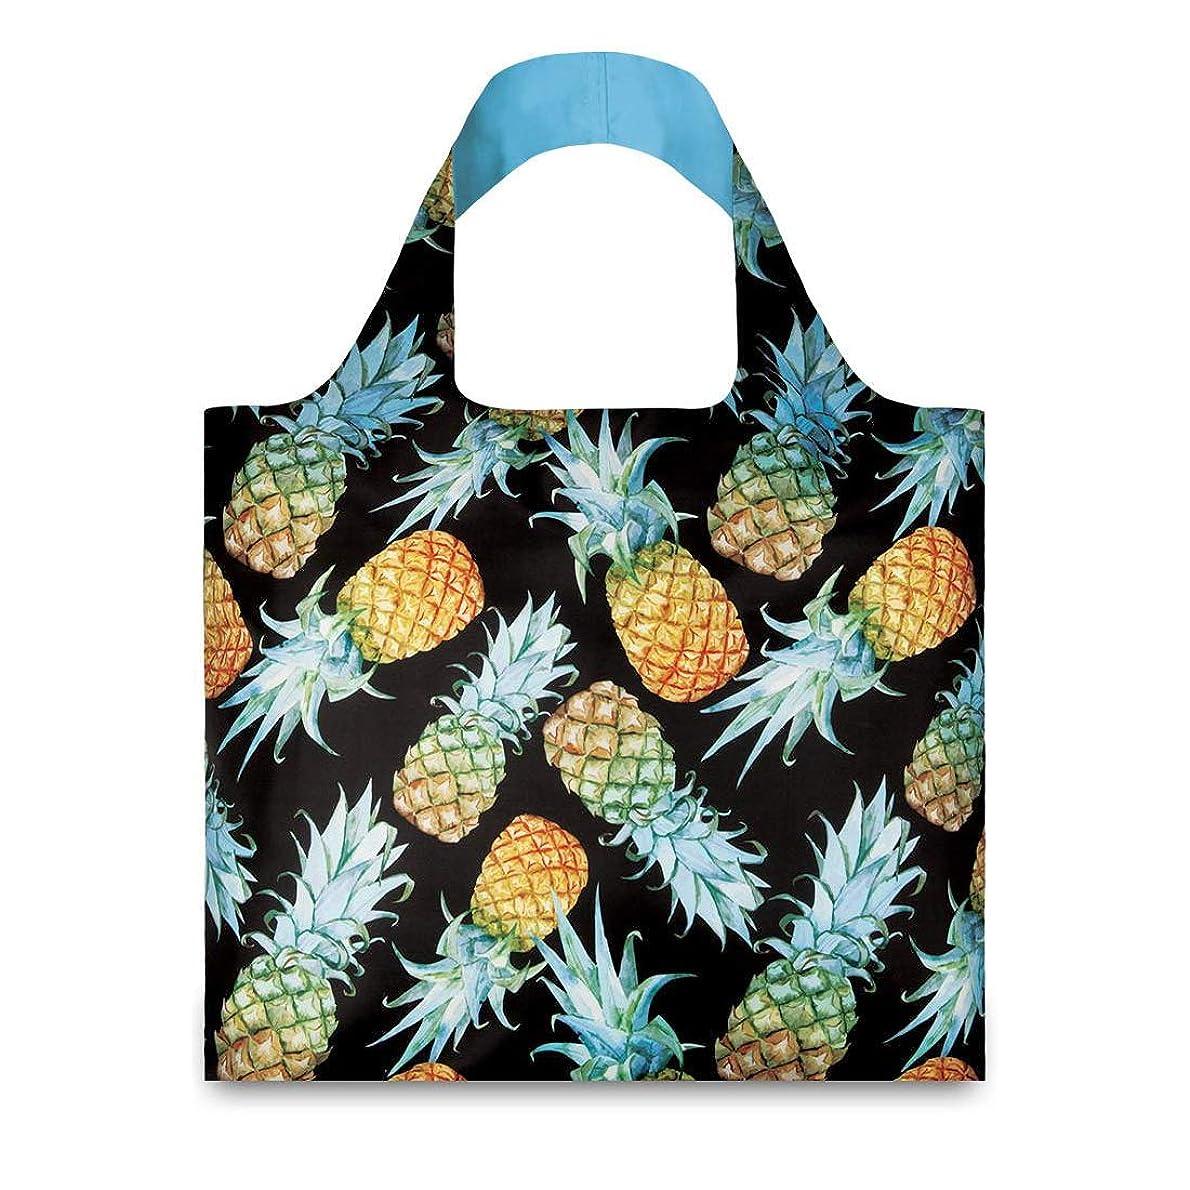 縫い目ストッキング韻(ローキー)LOQI 折りたたみ エコバッグ ポーチ付き JUICY Pineapple